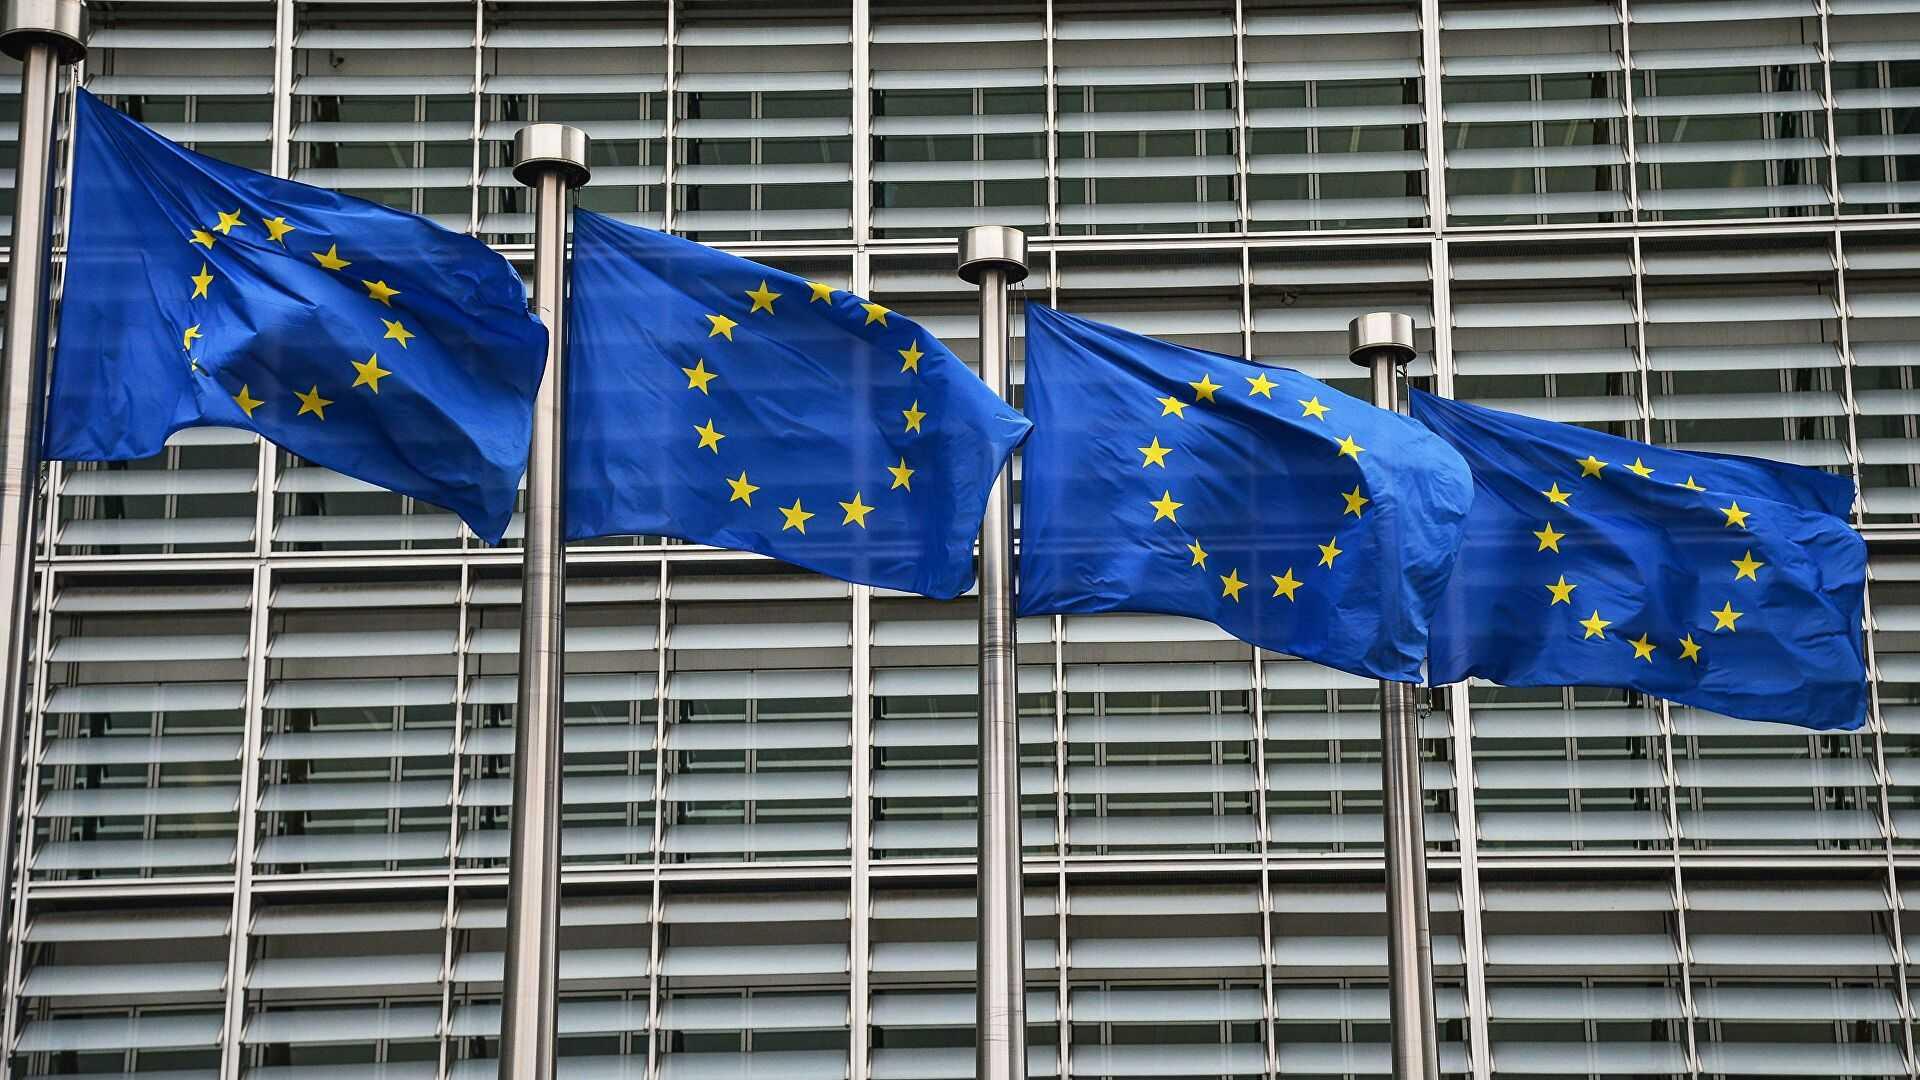 В Европе назвали врага, который представляет большую опасность, чем Россия